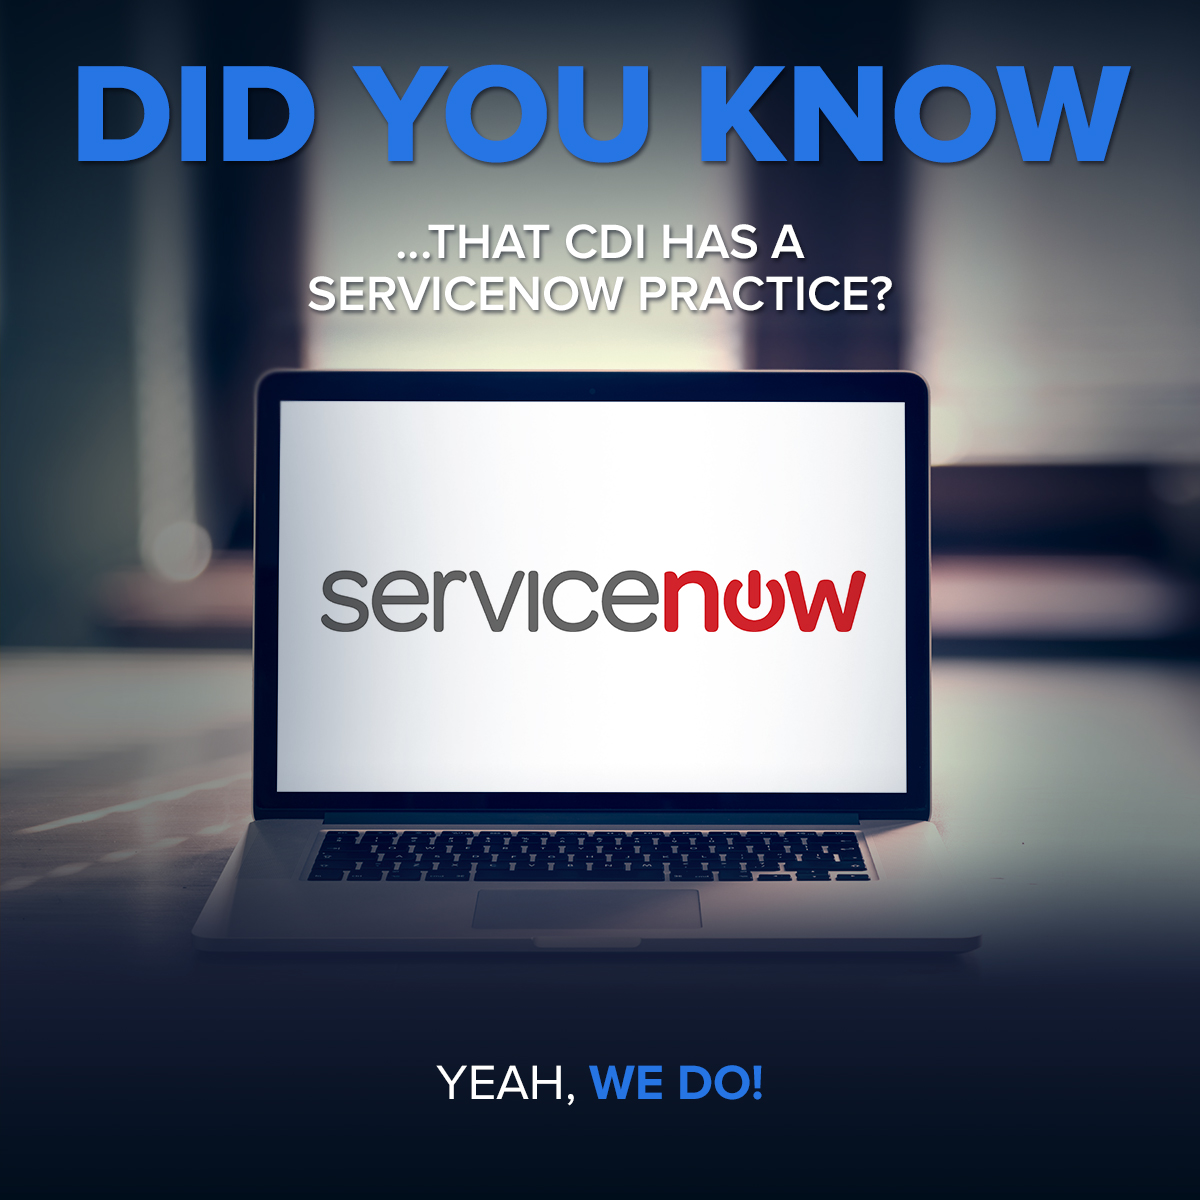 ServiceNow Practice